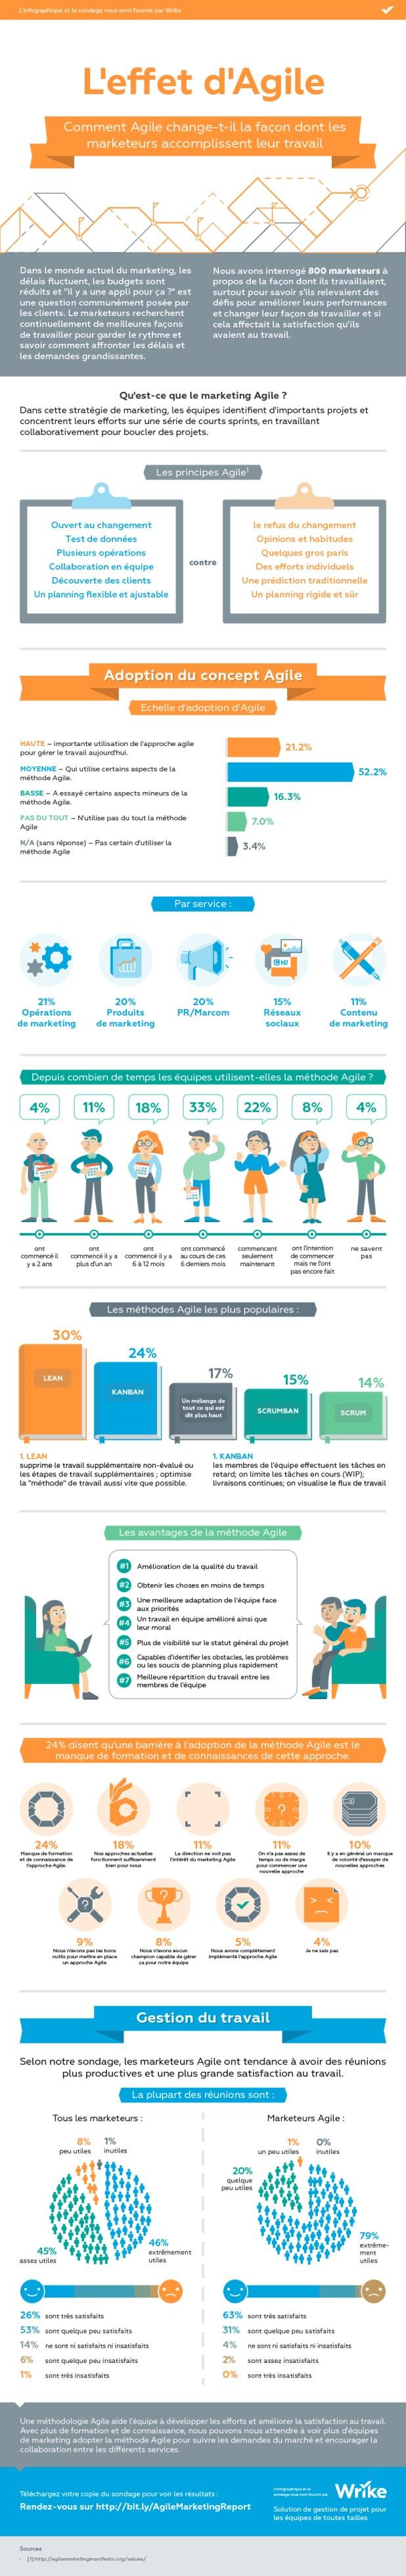 L'effet d'Agile sur les équipes marketing